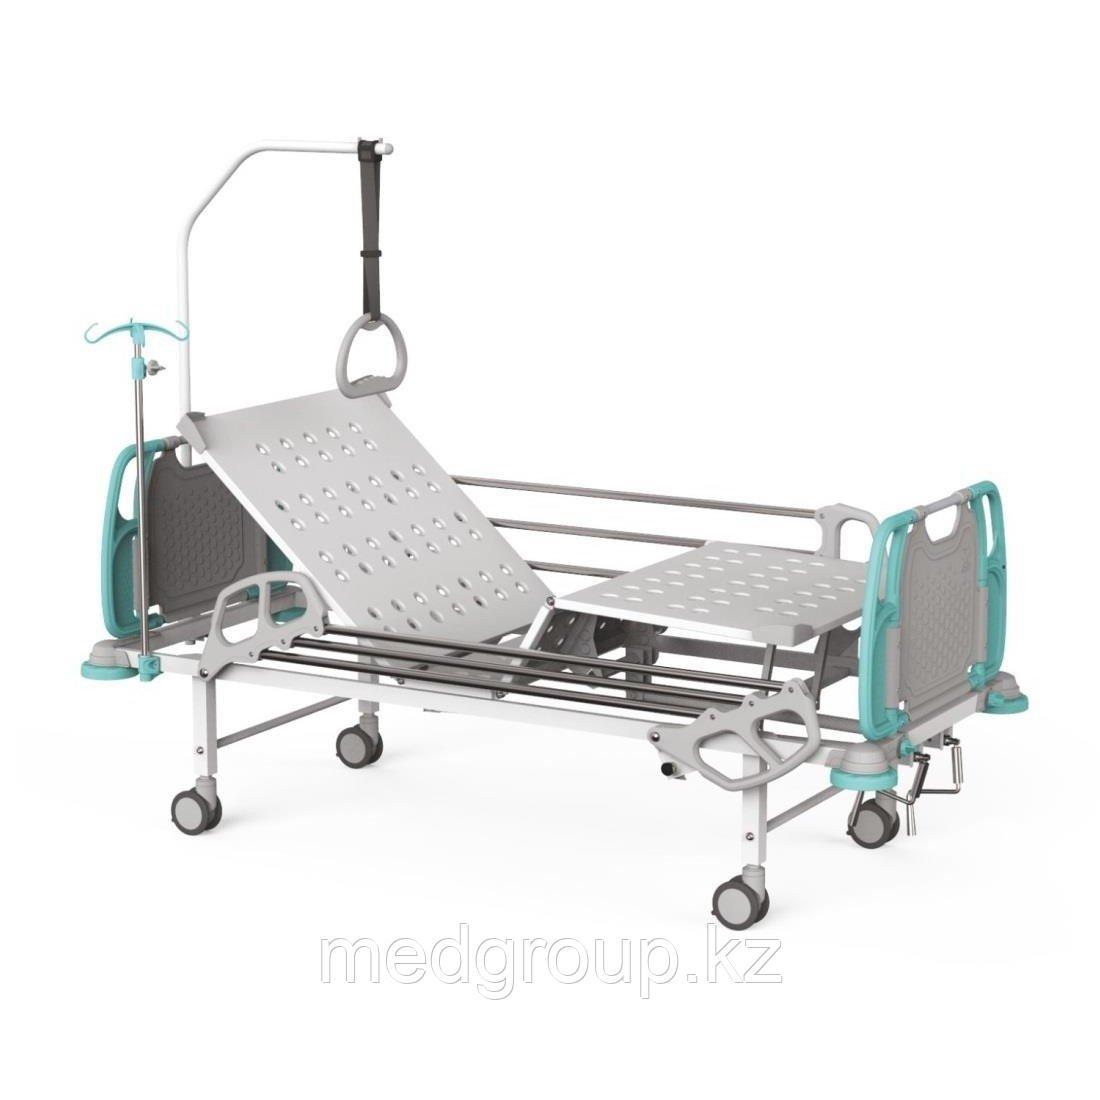 Кровать медицинская LISA LE-1